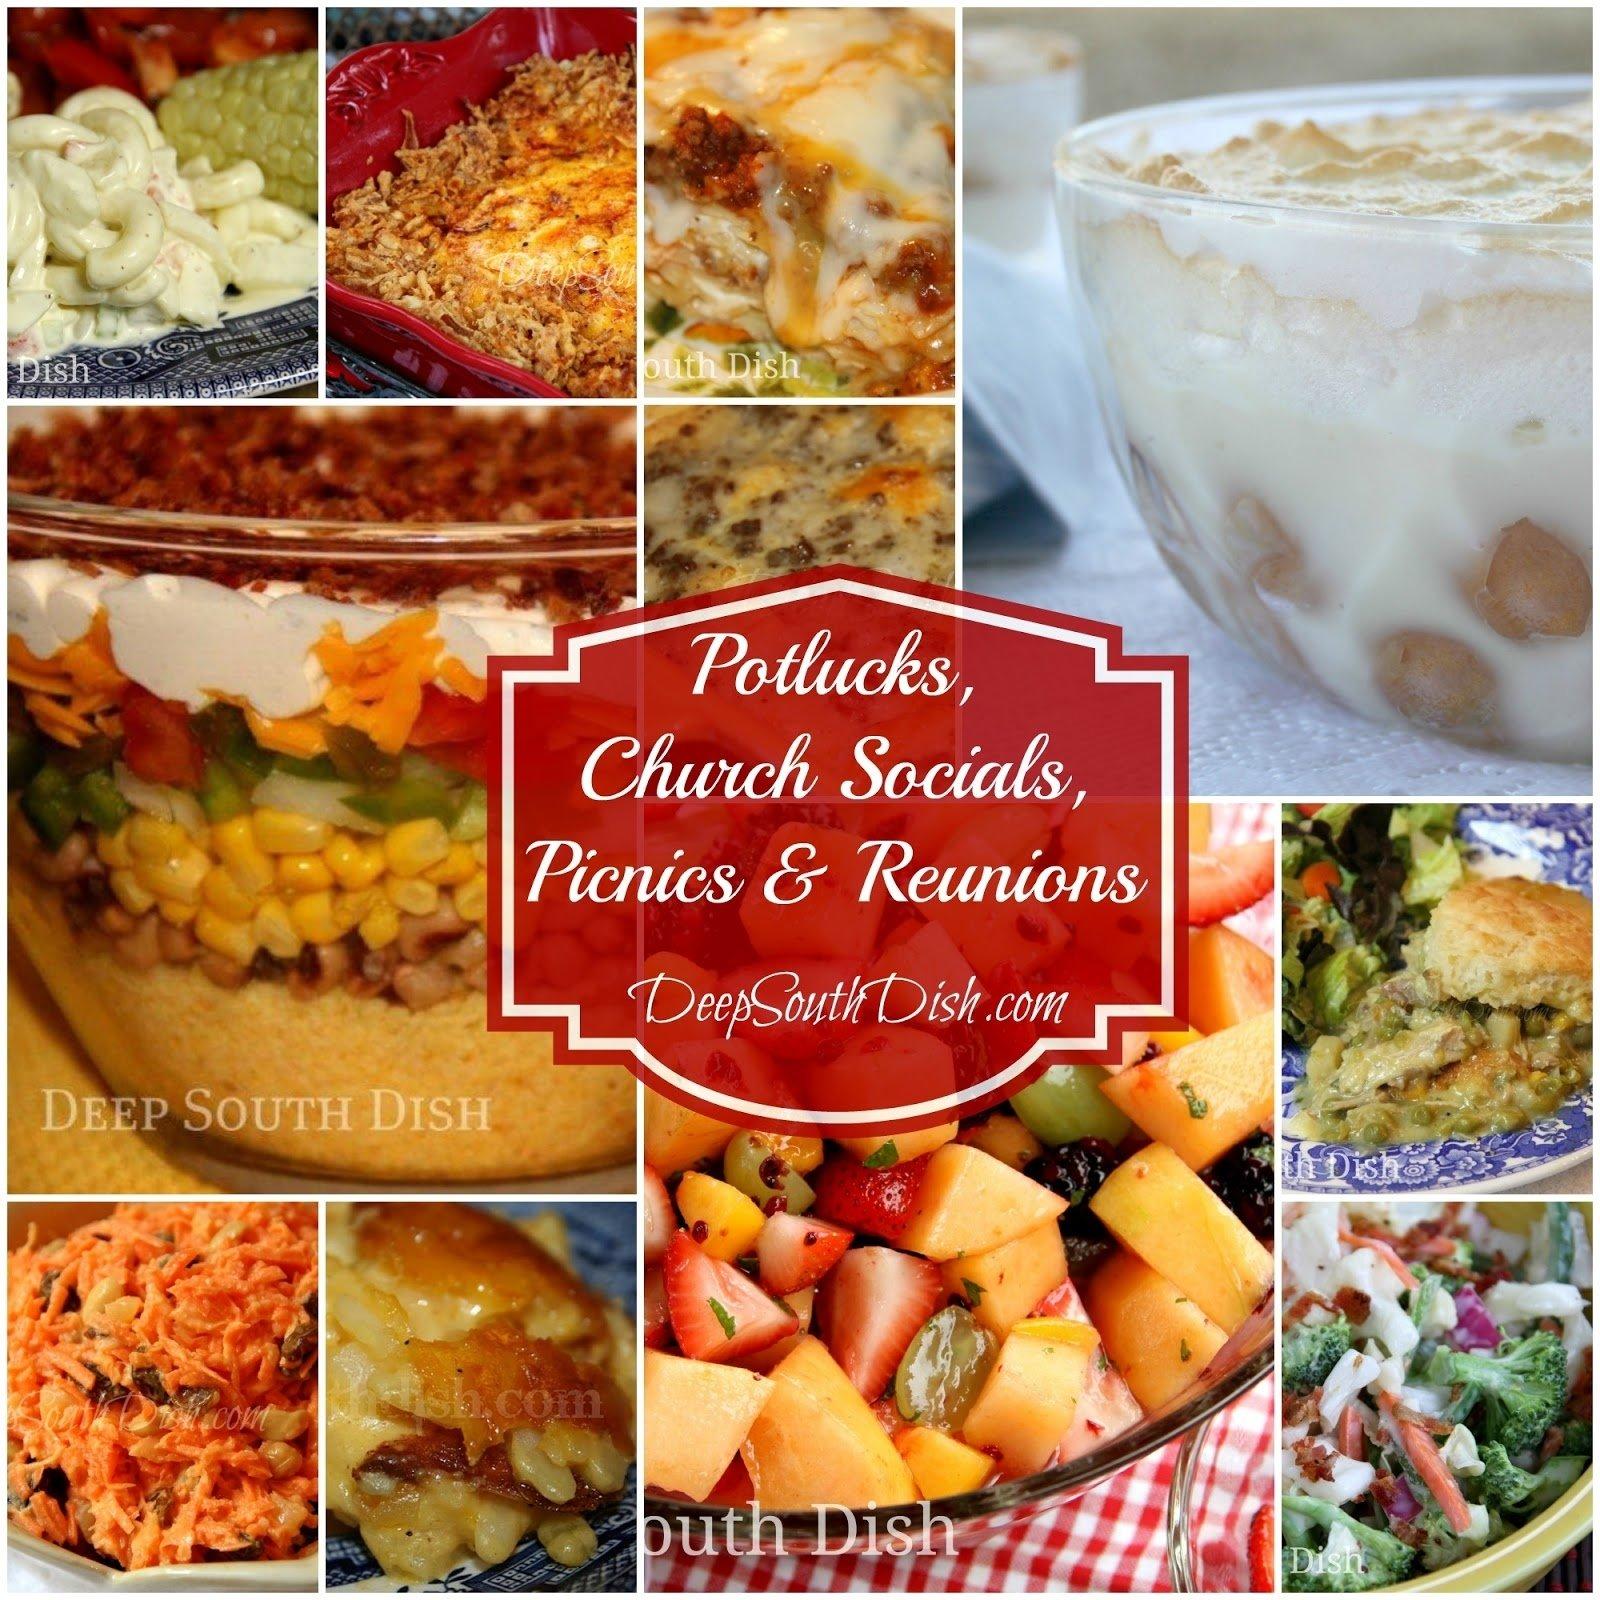 10 Pretty 4Th Of July Potluck Ideas deep south dish recipes for potlucks church socials picnics 2020